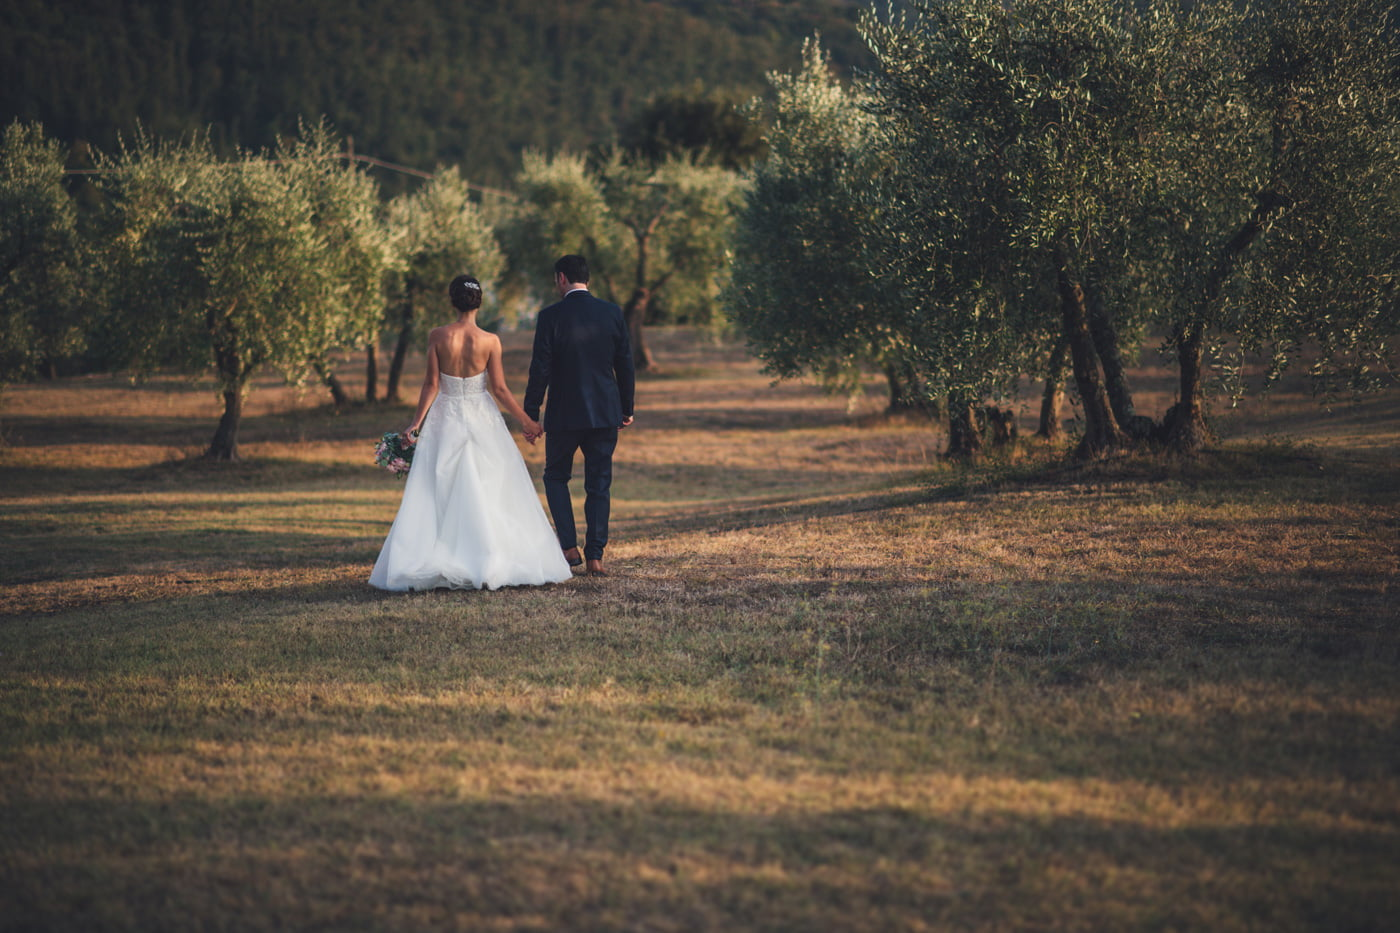 048-wedding-tuscany-rignana